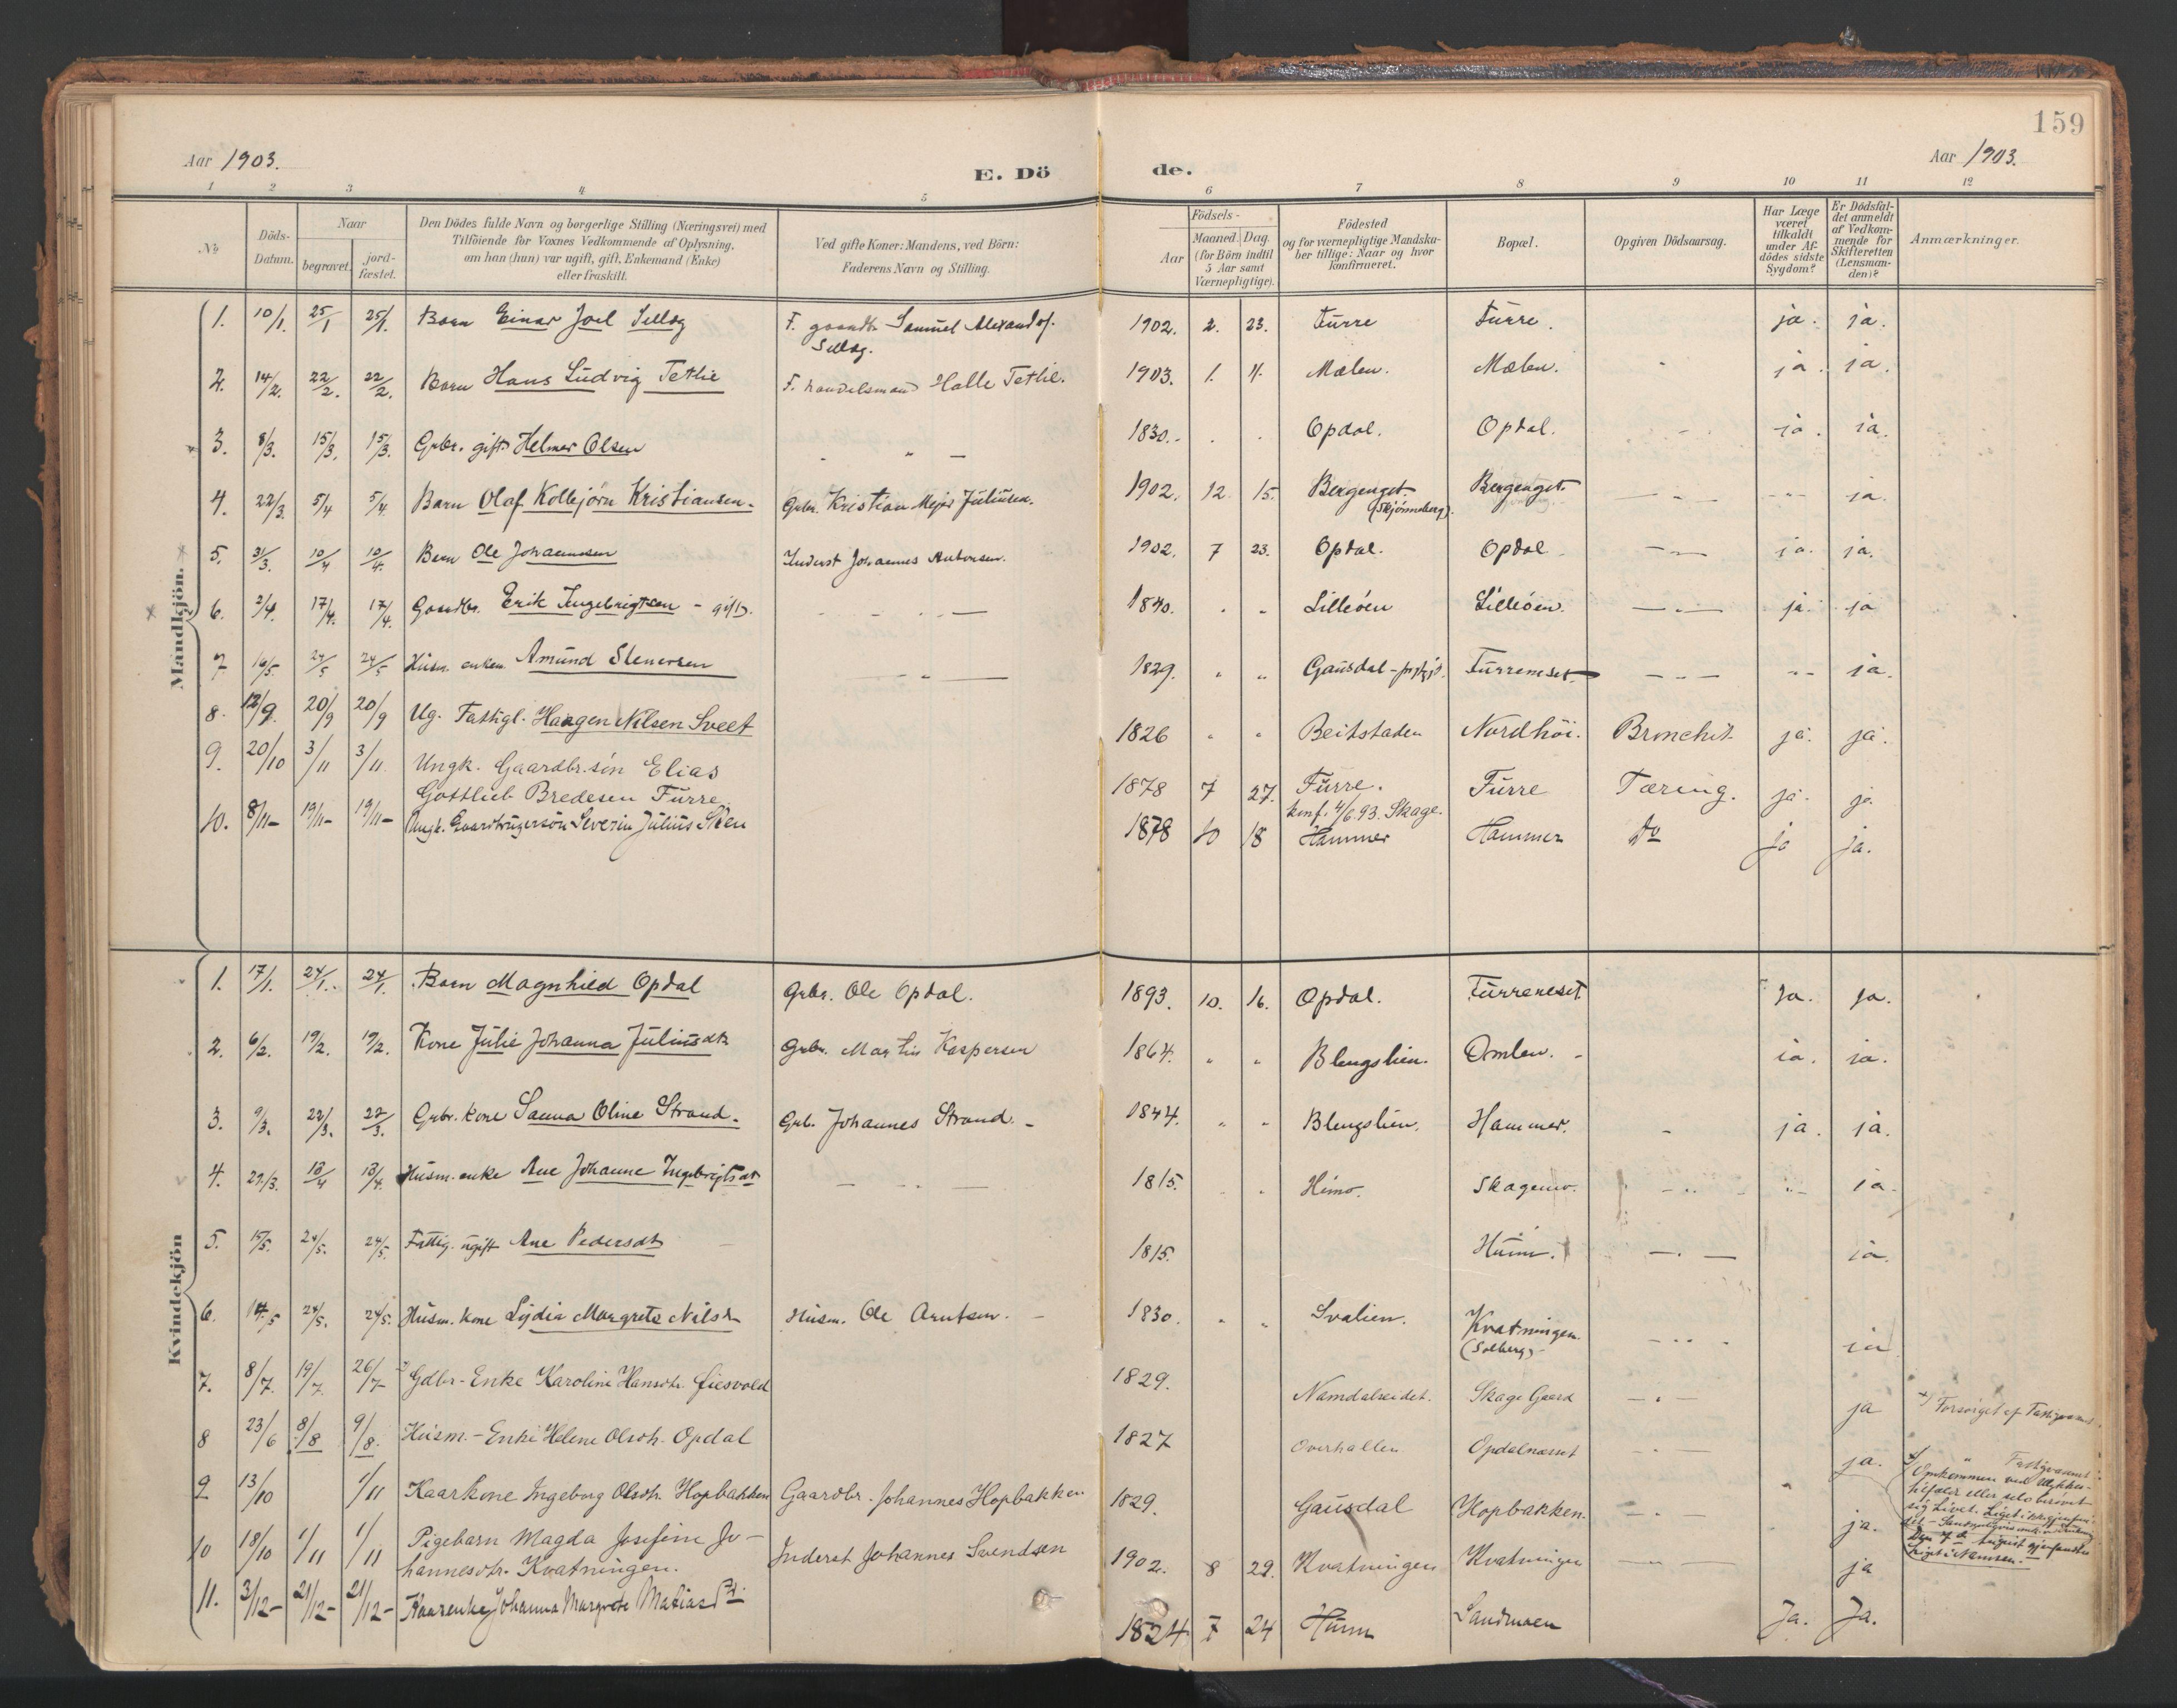 SAT, Ministerialprotokoller, klokkerbøker og fødselsregistre - Nord-Trøndelag, 766/L0564: Ministerialbok nr. 767A02, 1900-1932, s. 159